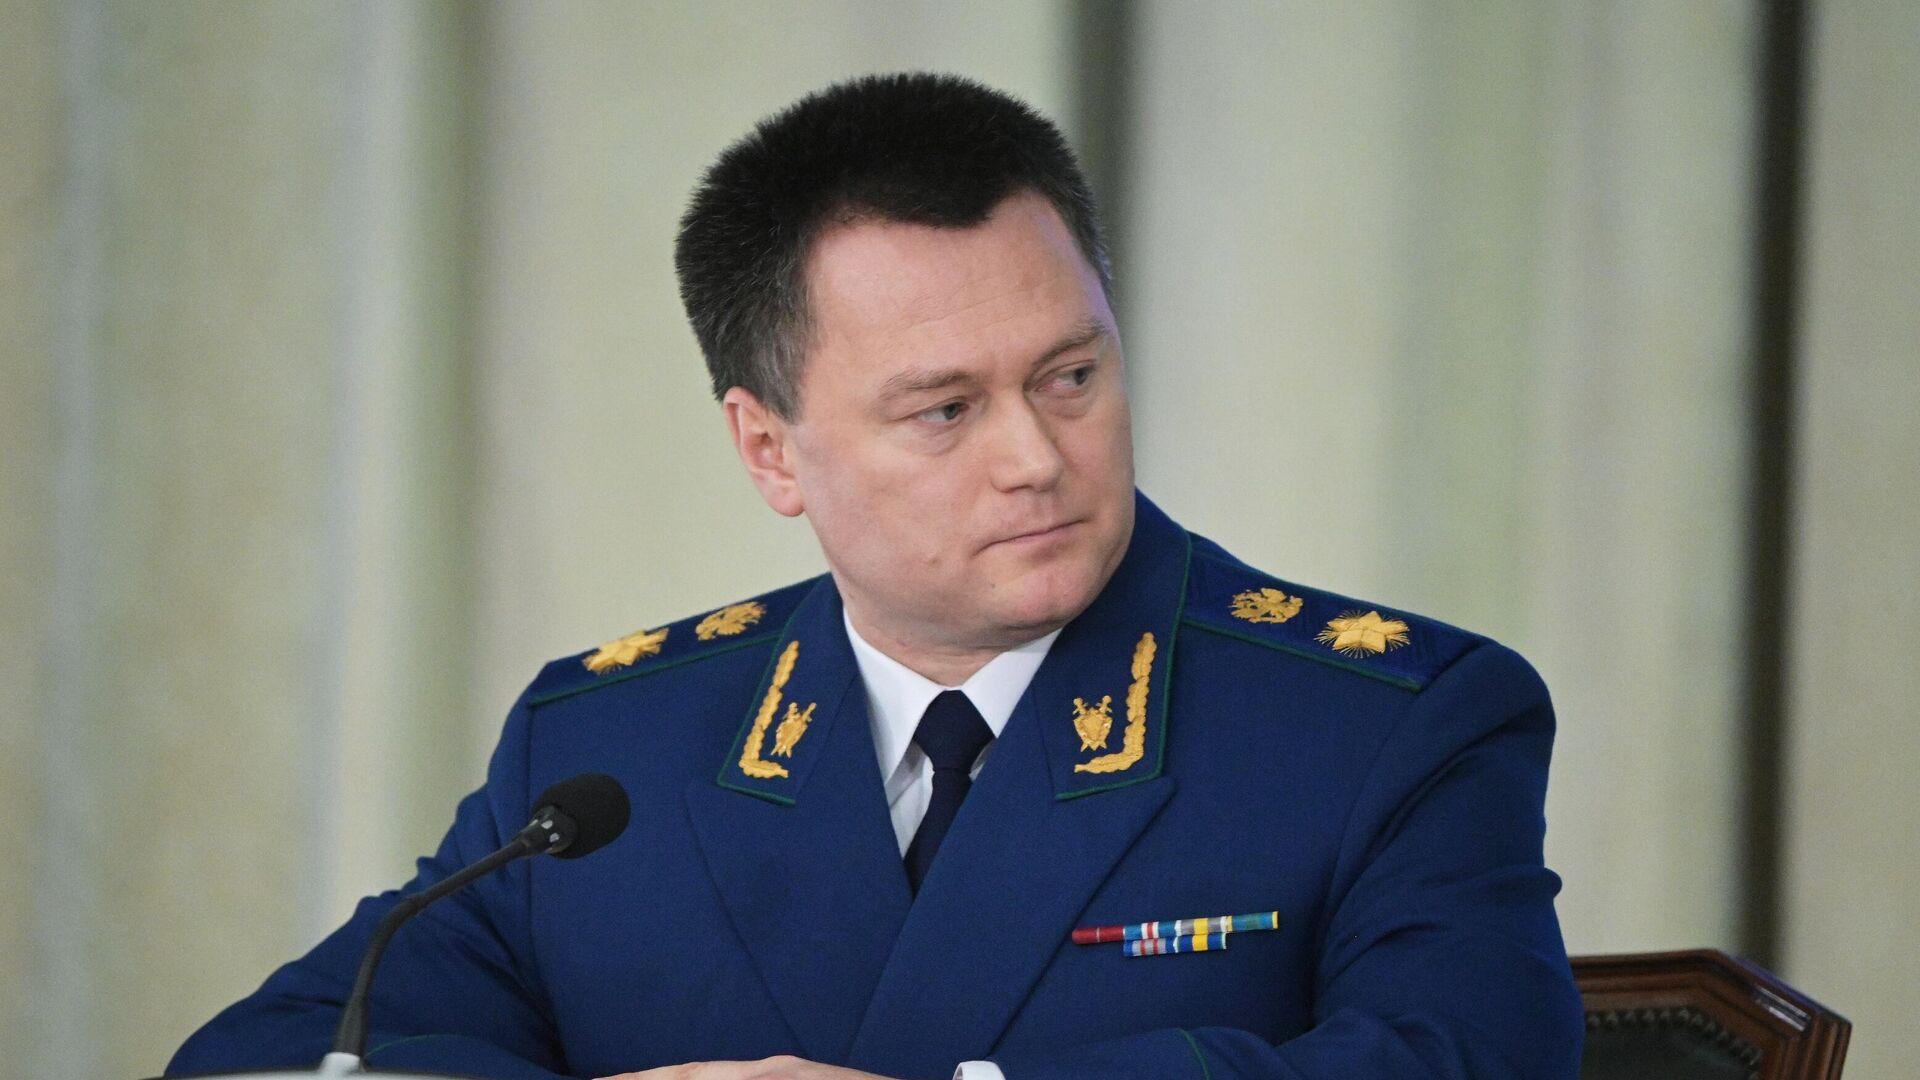 В России стали хуже раскрывать преступления, заявил генпрокурор